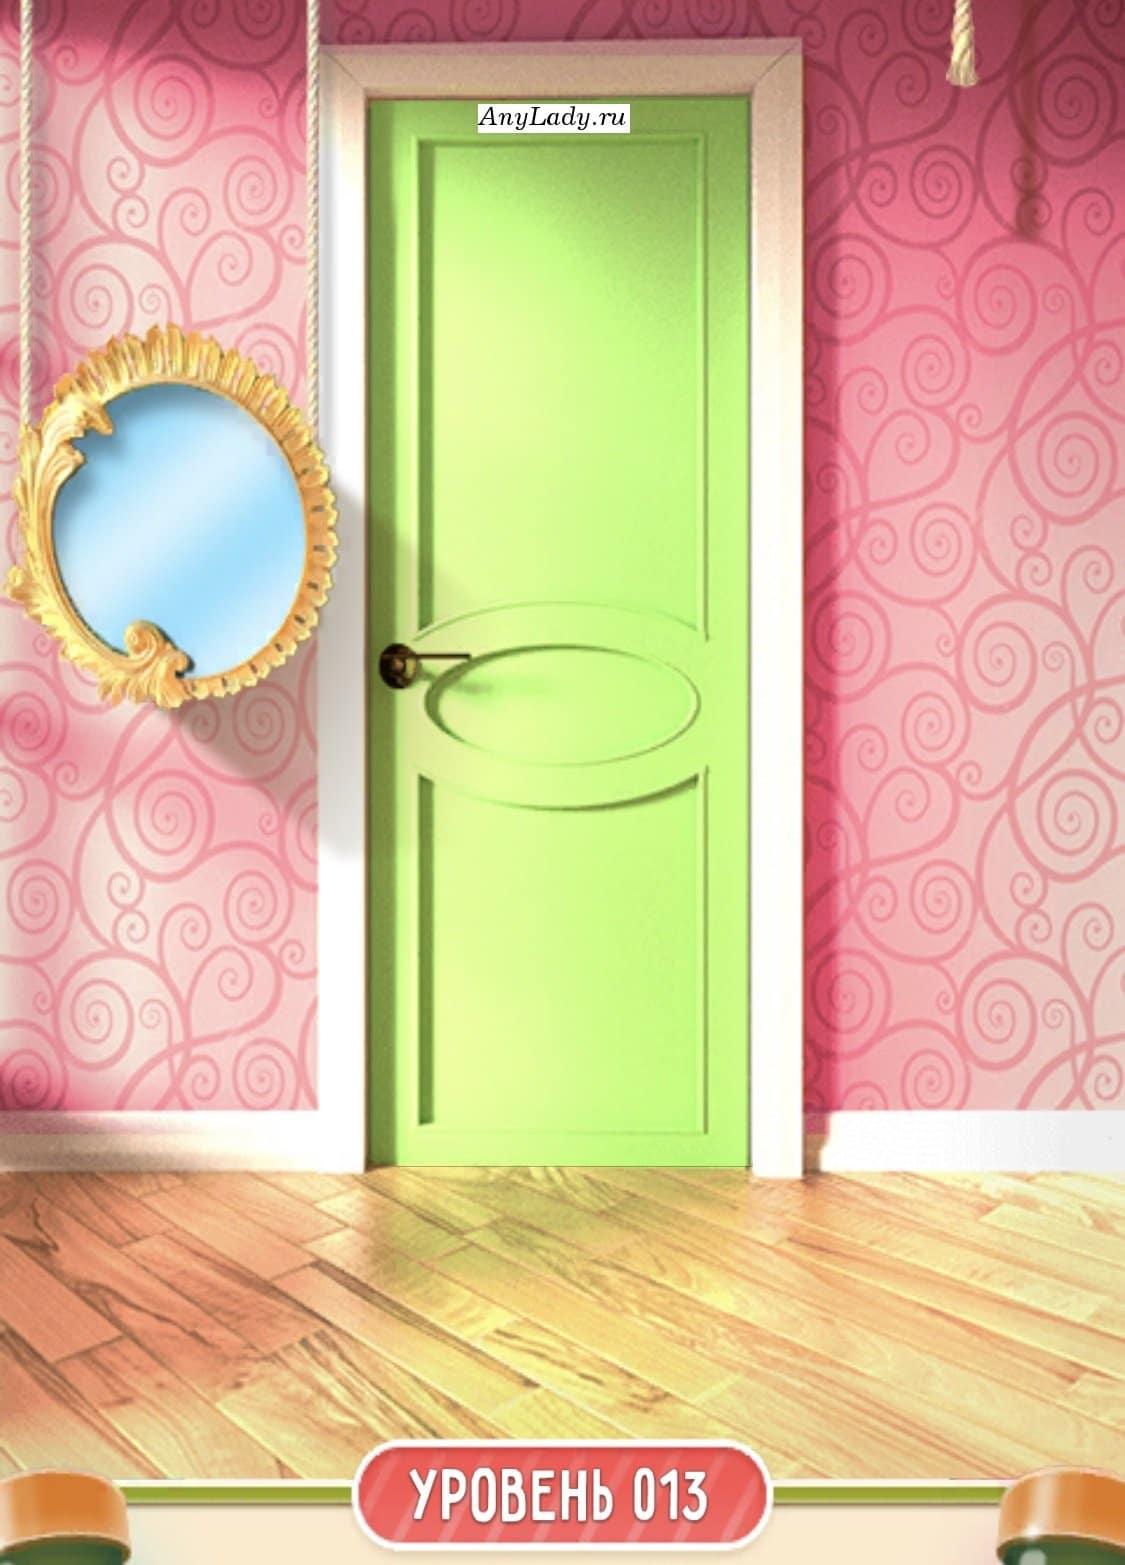 Потяните справа за конец веревки, тем самым поднимите зеркало. За зеркалом Вы увидите сейф, тапните на него и достаньте ключ.